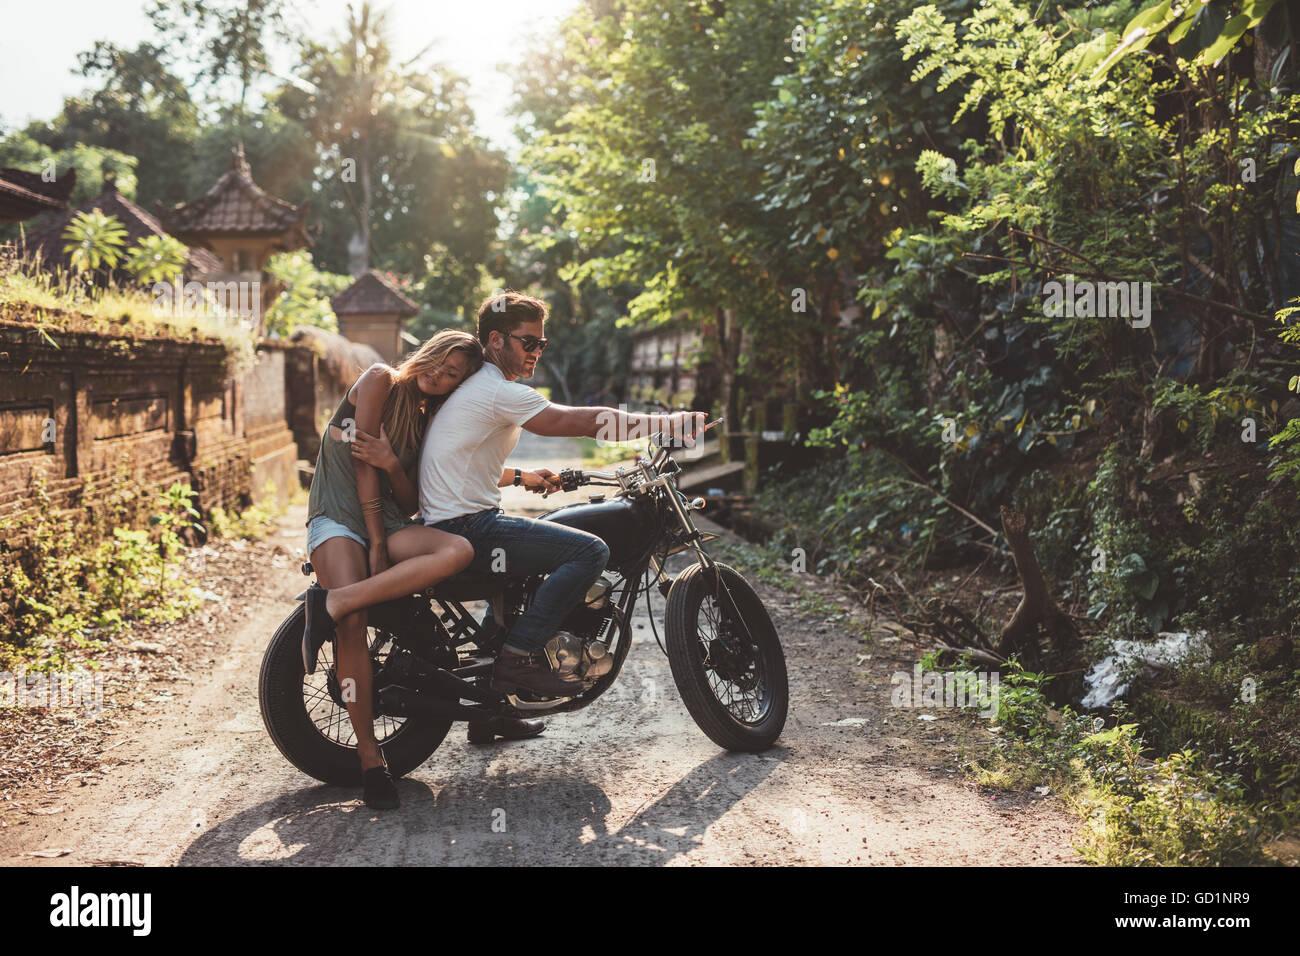 Junges Liebespaar auf einem Motorrad. Junger Mann und Frau auf dem Motorrad in einem Dorf an einem Sommertag. Stockbild